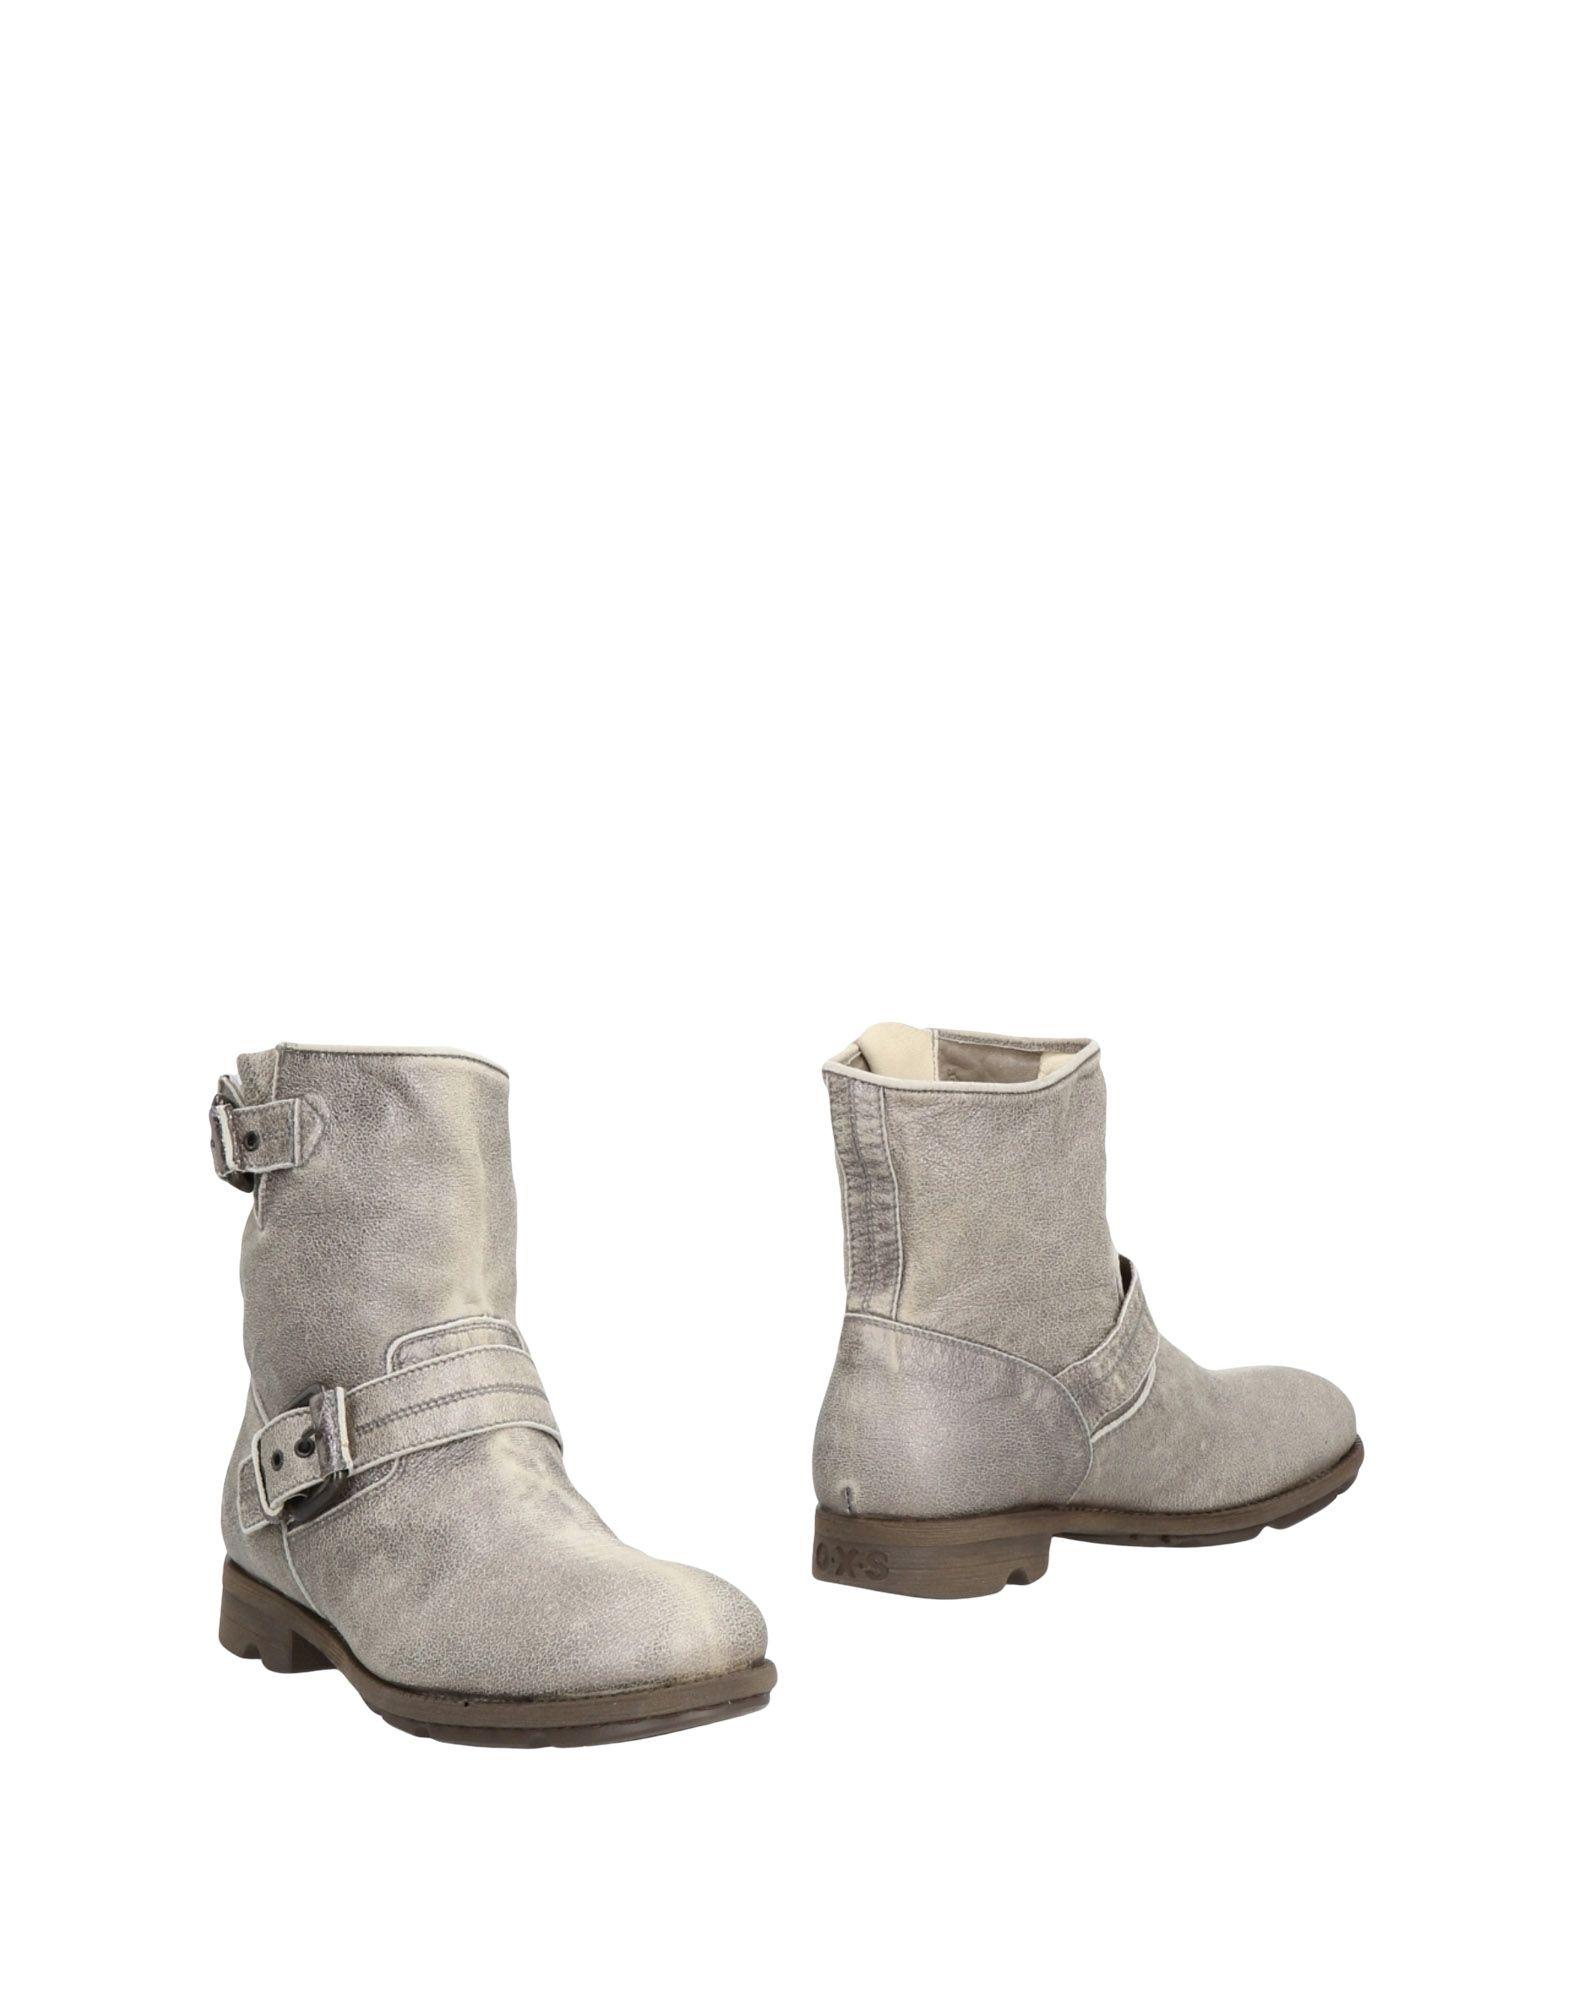 Stilvolle Damen billige Schuhe O.X.S. Stiefelette Damen Stilvolle  11456732FG ce14b8